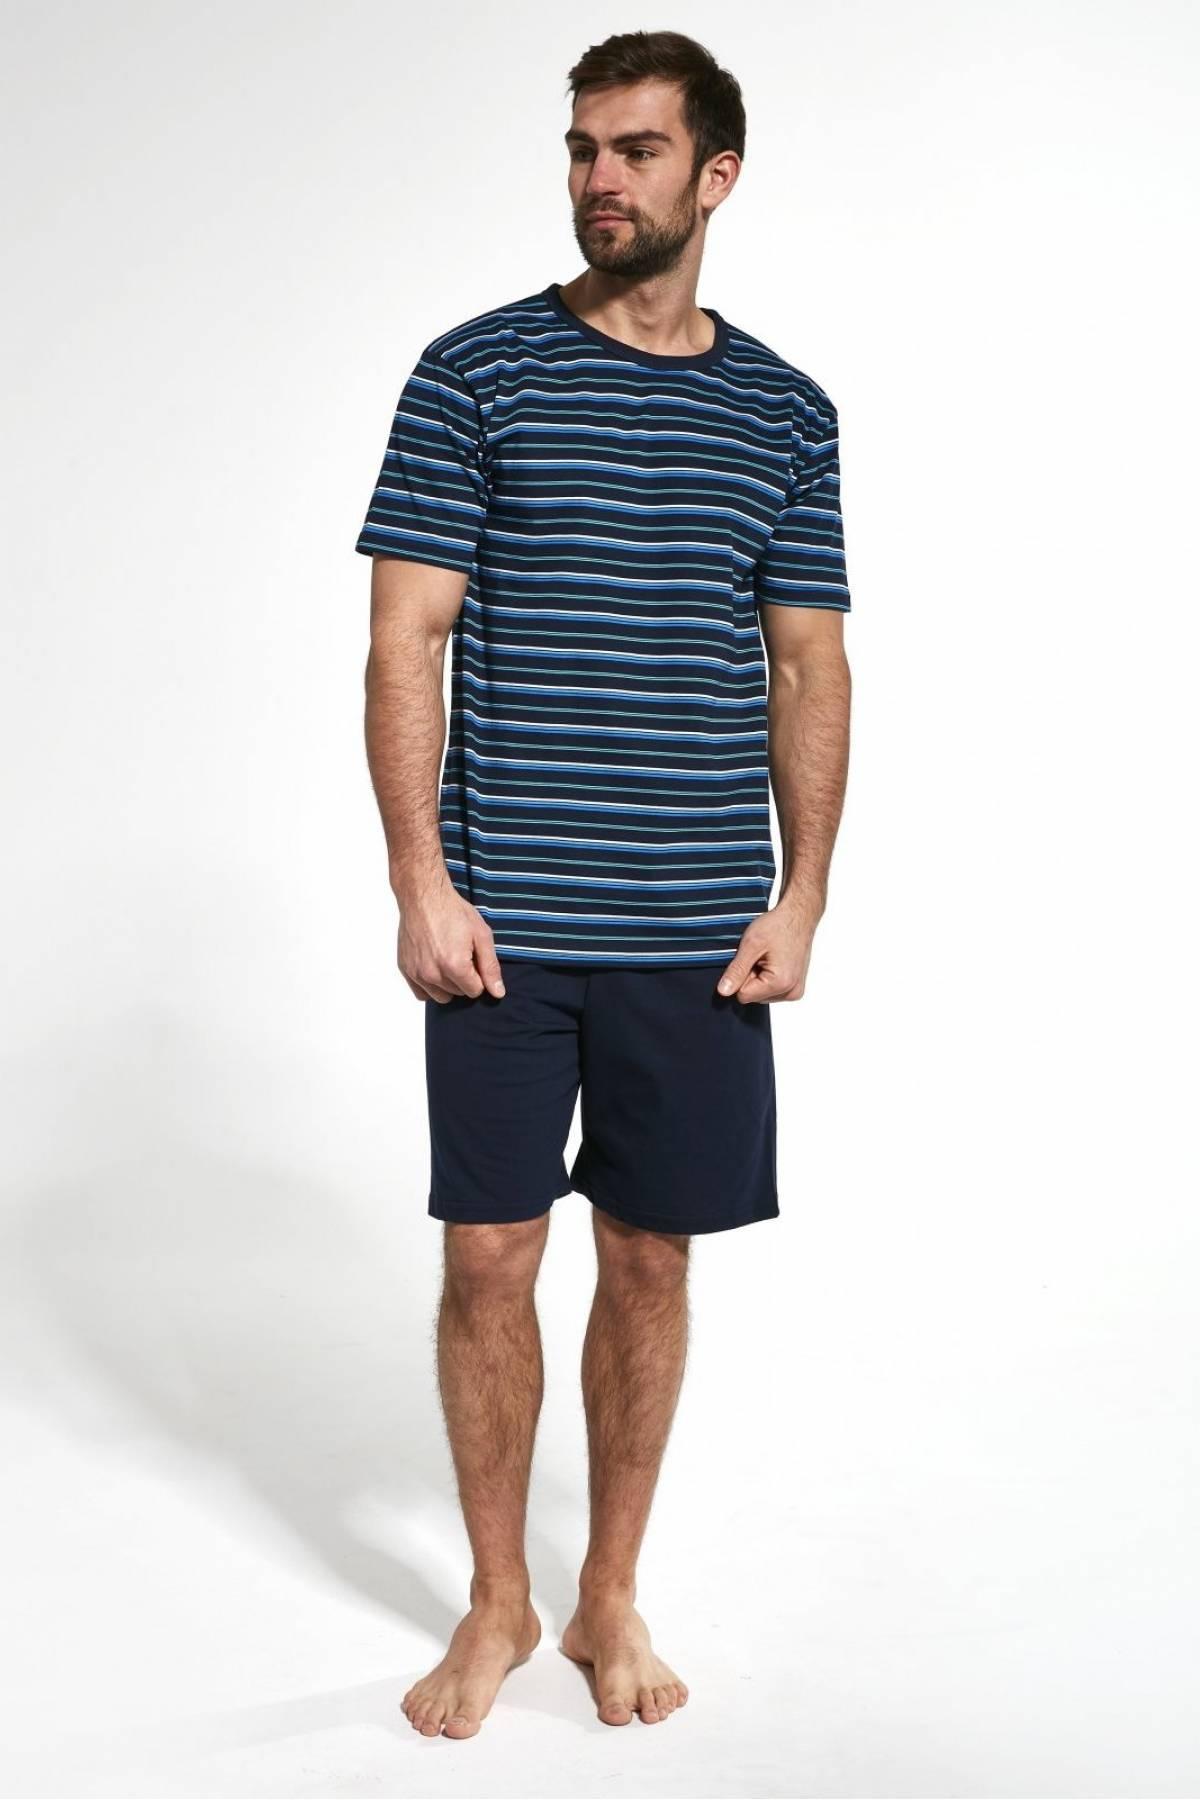 338-21 мужская пижама 18